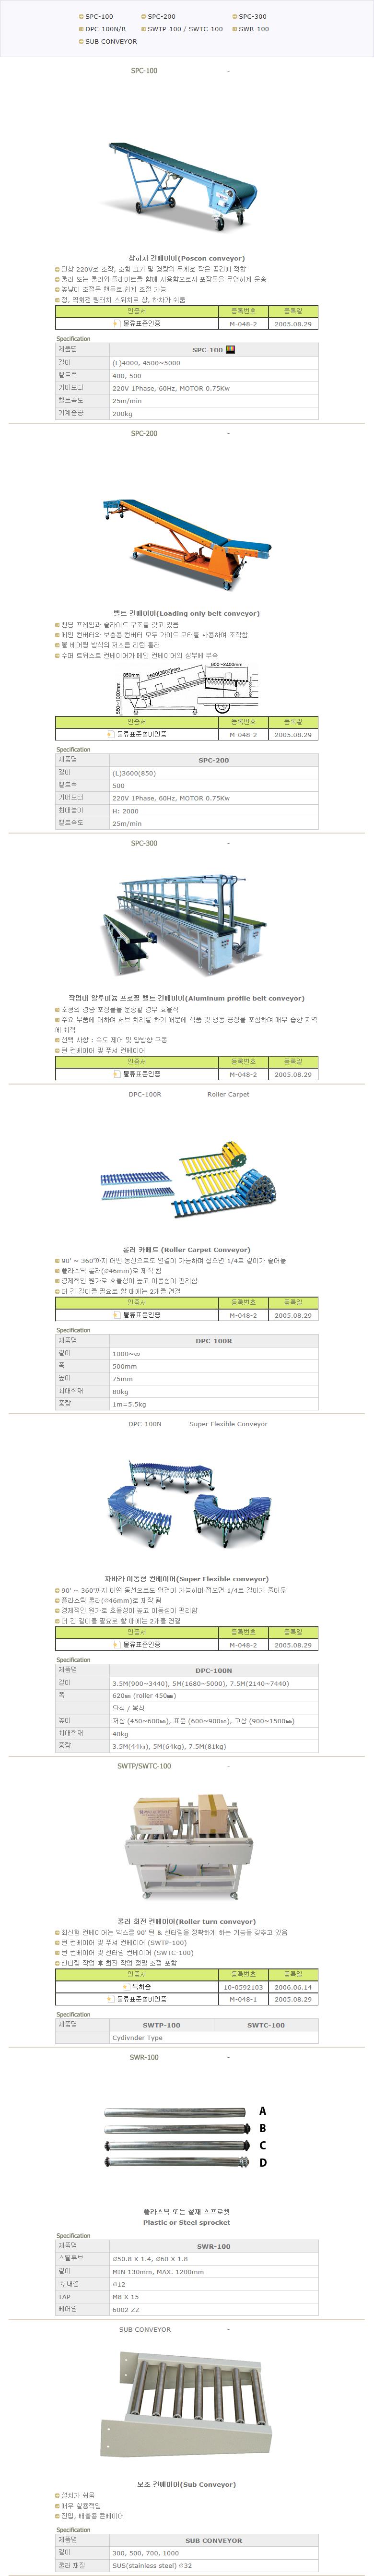 삼원기계 컨베이어 시스템